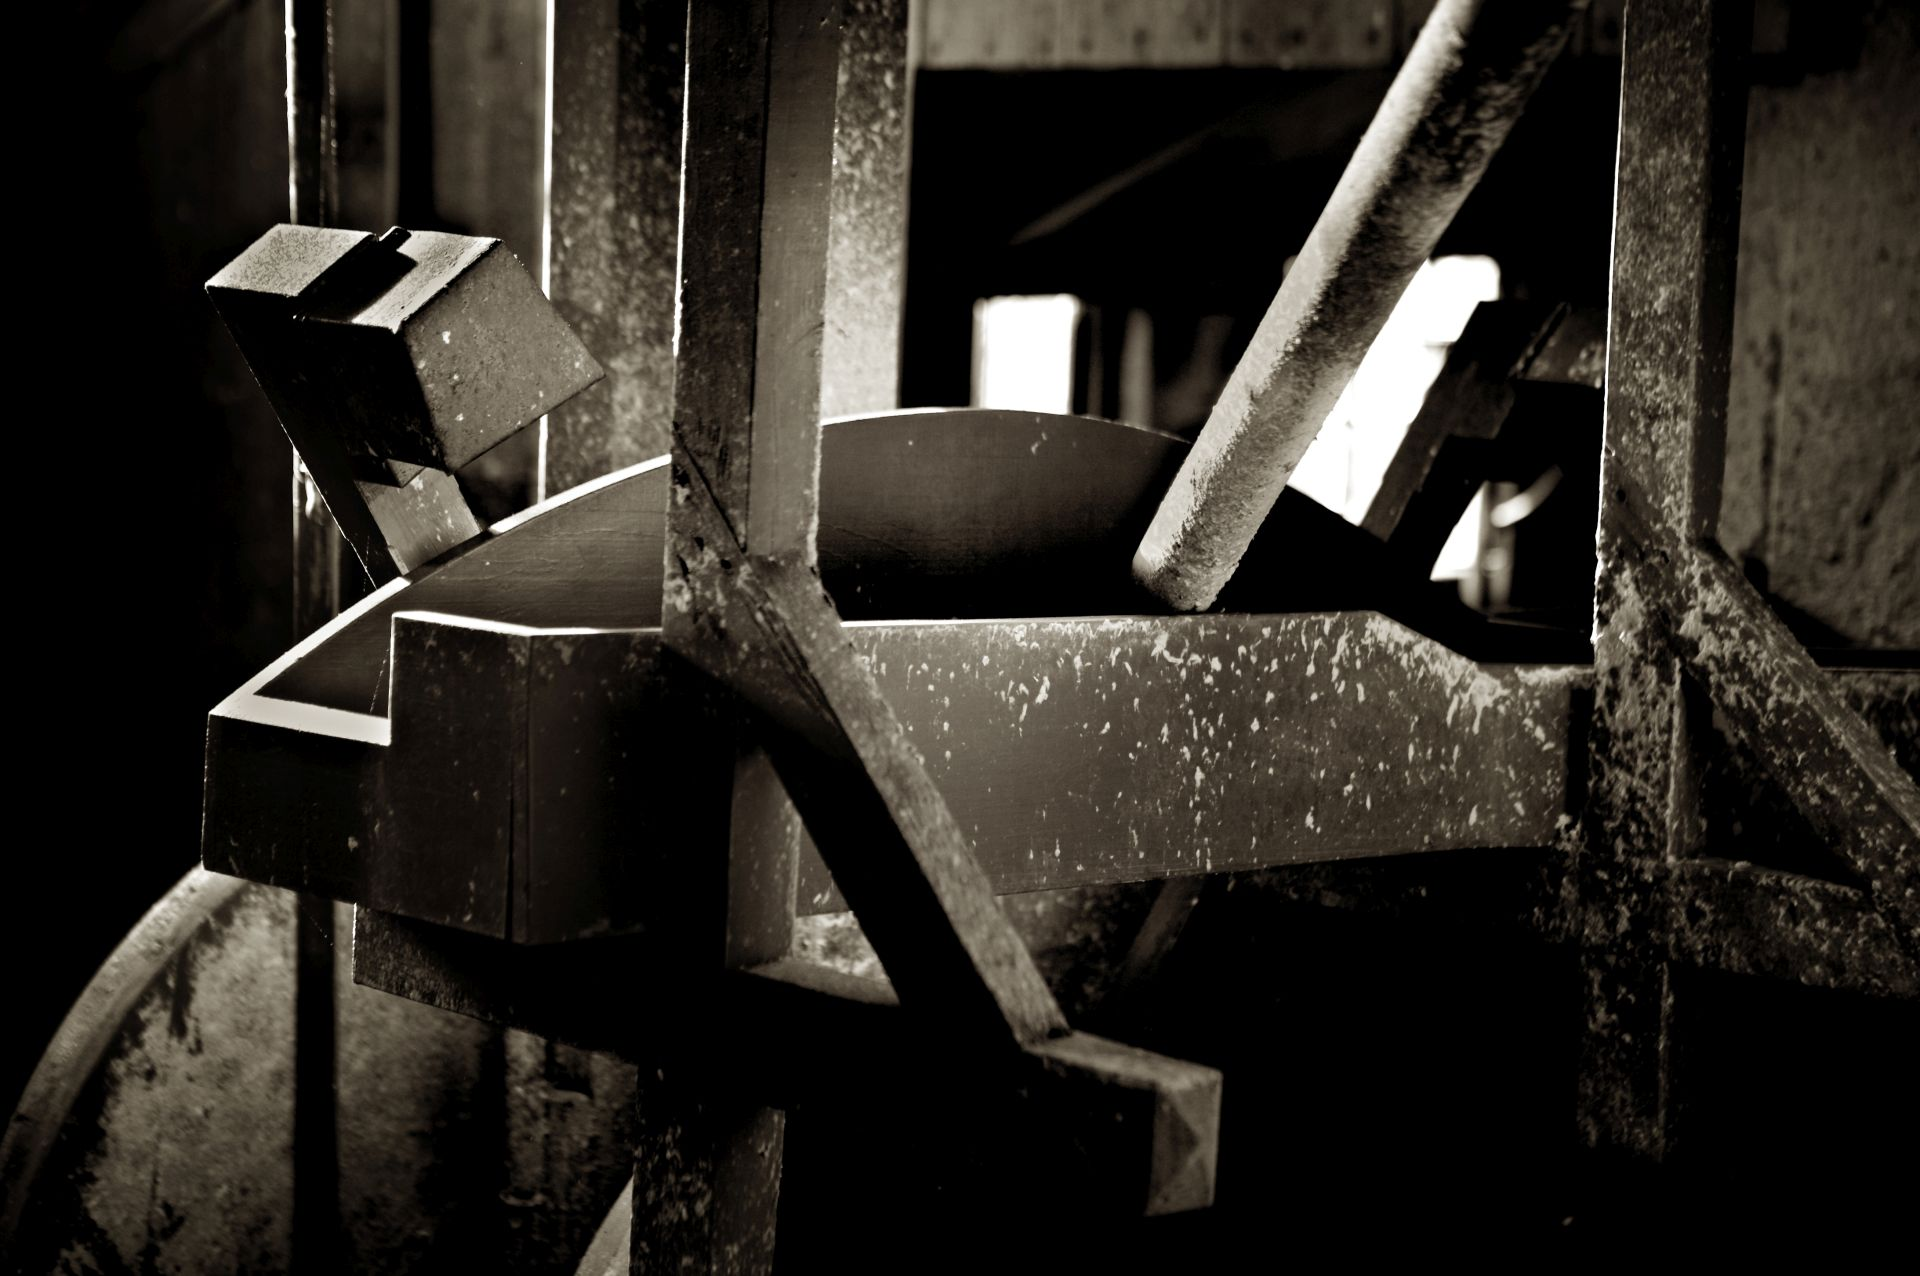 L De Stad Interieurs papiermolen (6)